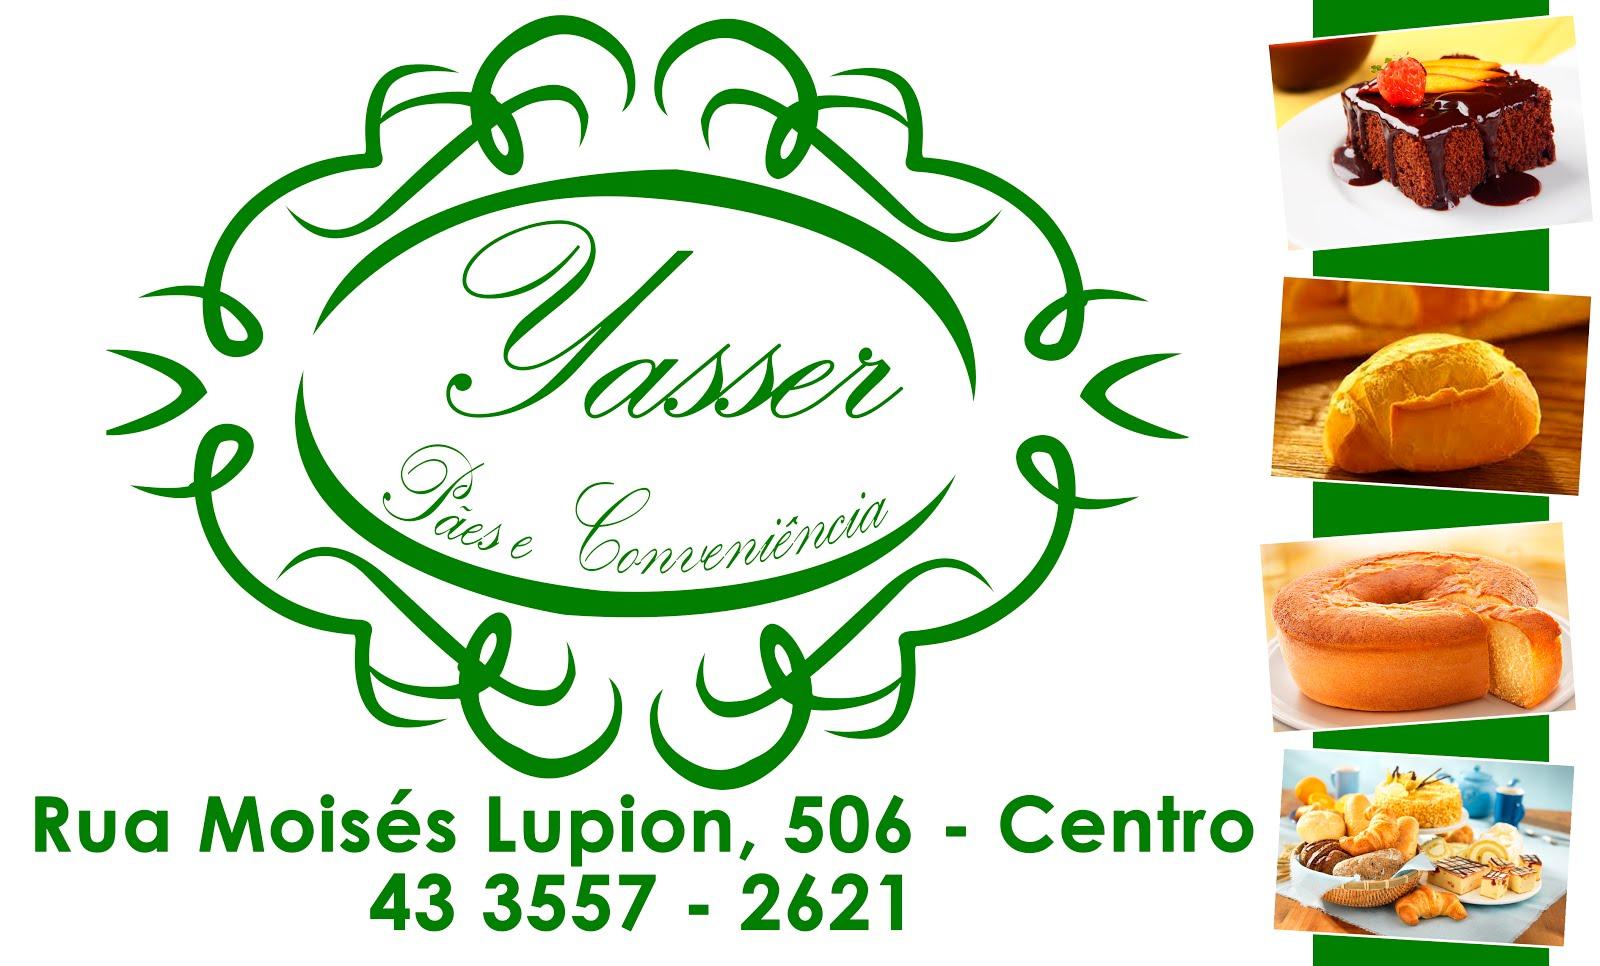 YASSER - PÃES E CONVENIÊNCIAS.